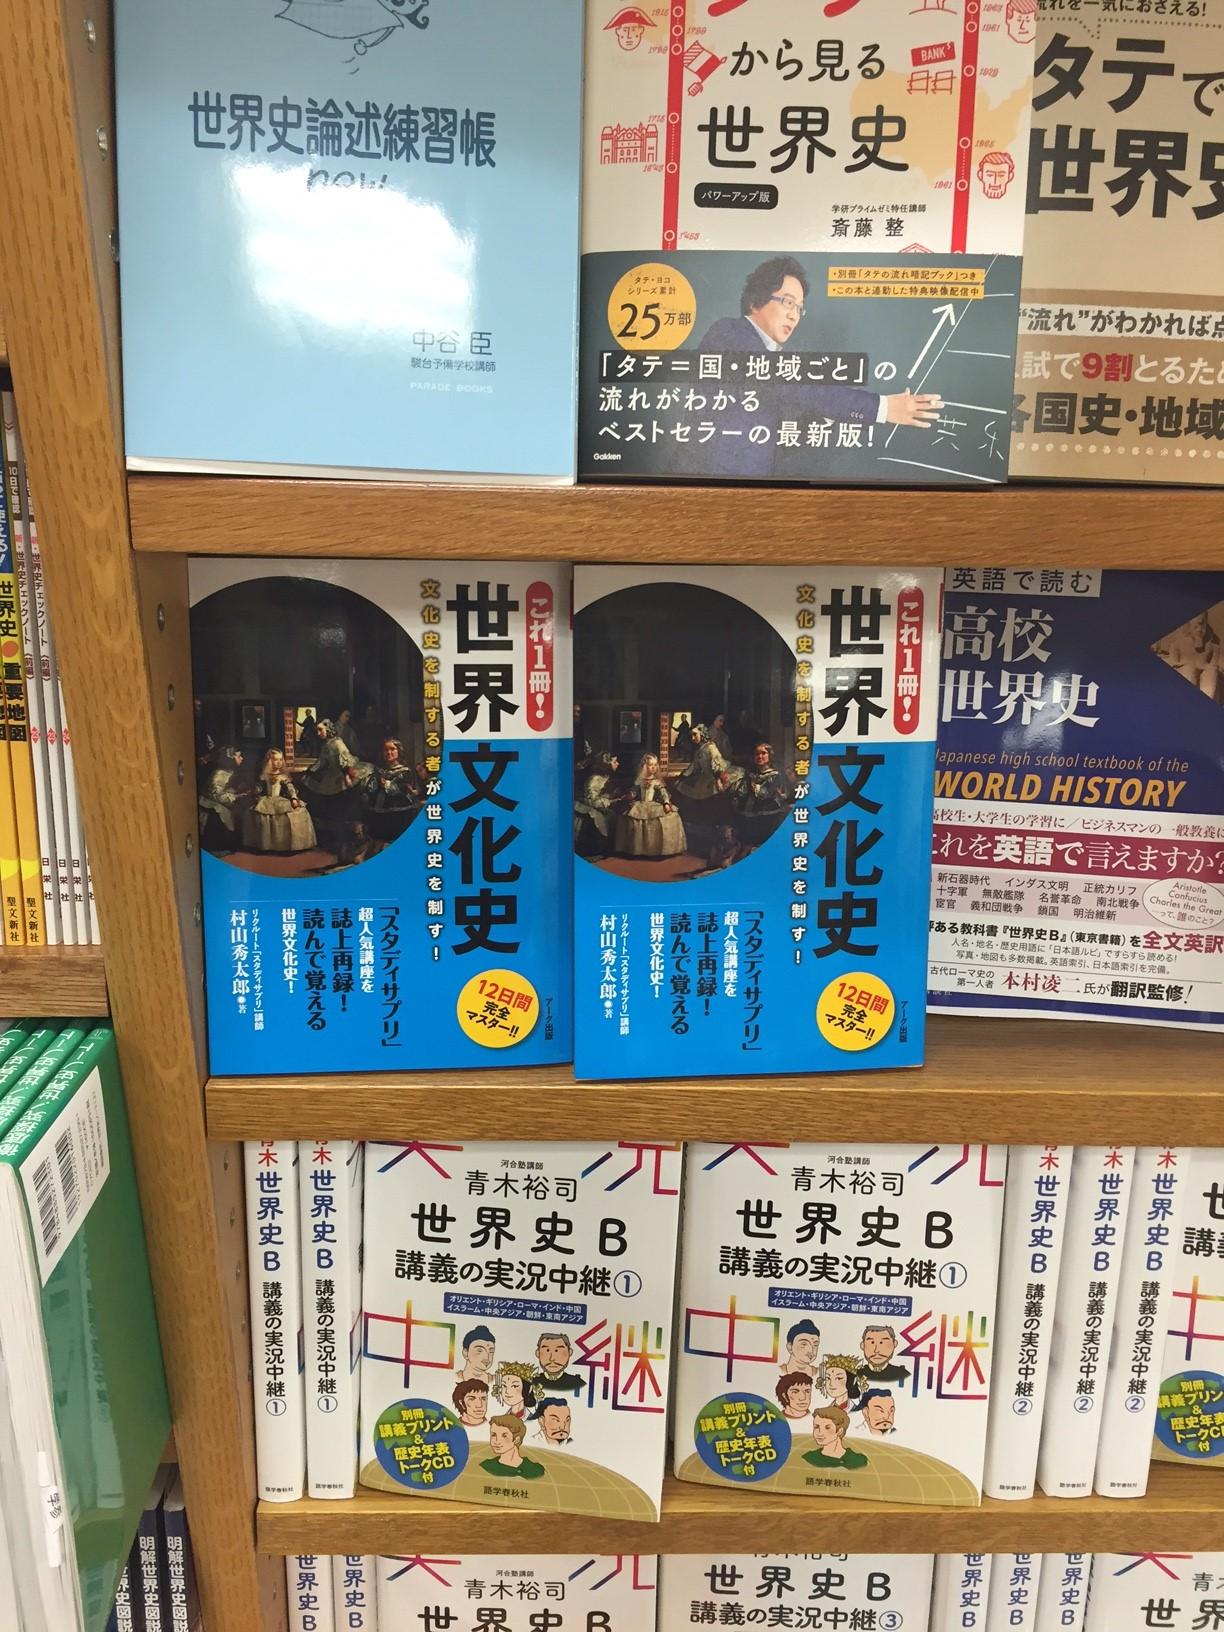 紀伊國屋書店新宿本店 学参コーナーで、『これ1冊! 世界文化史』(村山秀太郎著)を展開中!ありがとうございます。